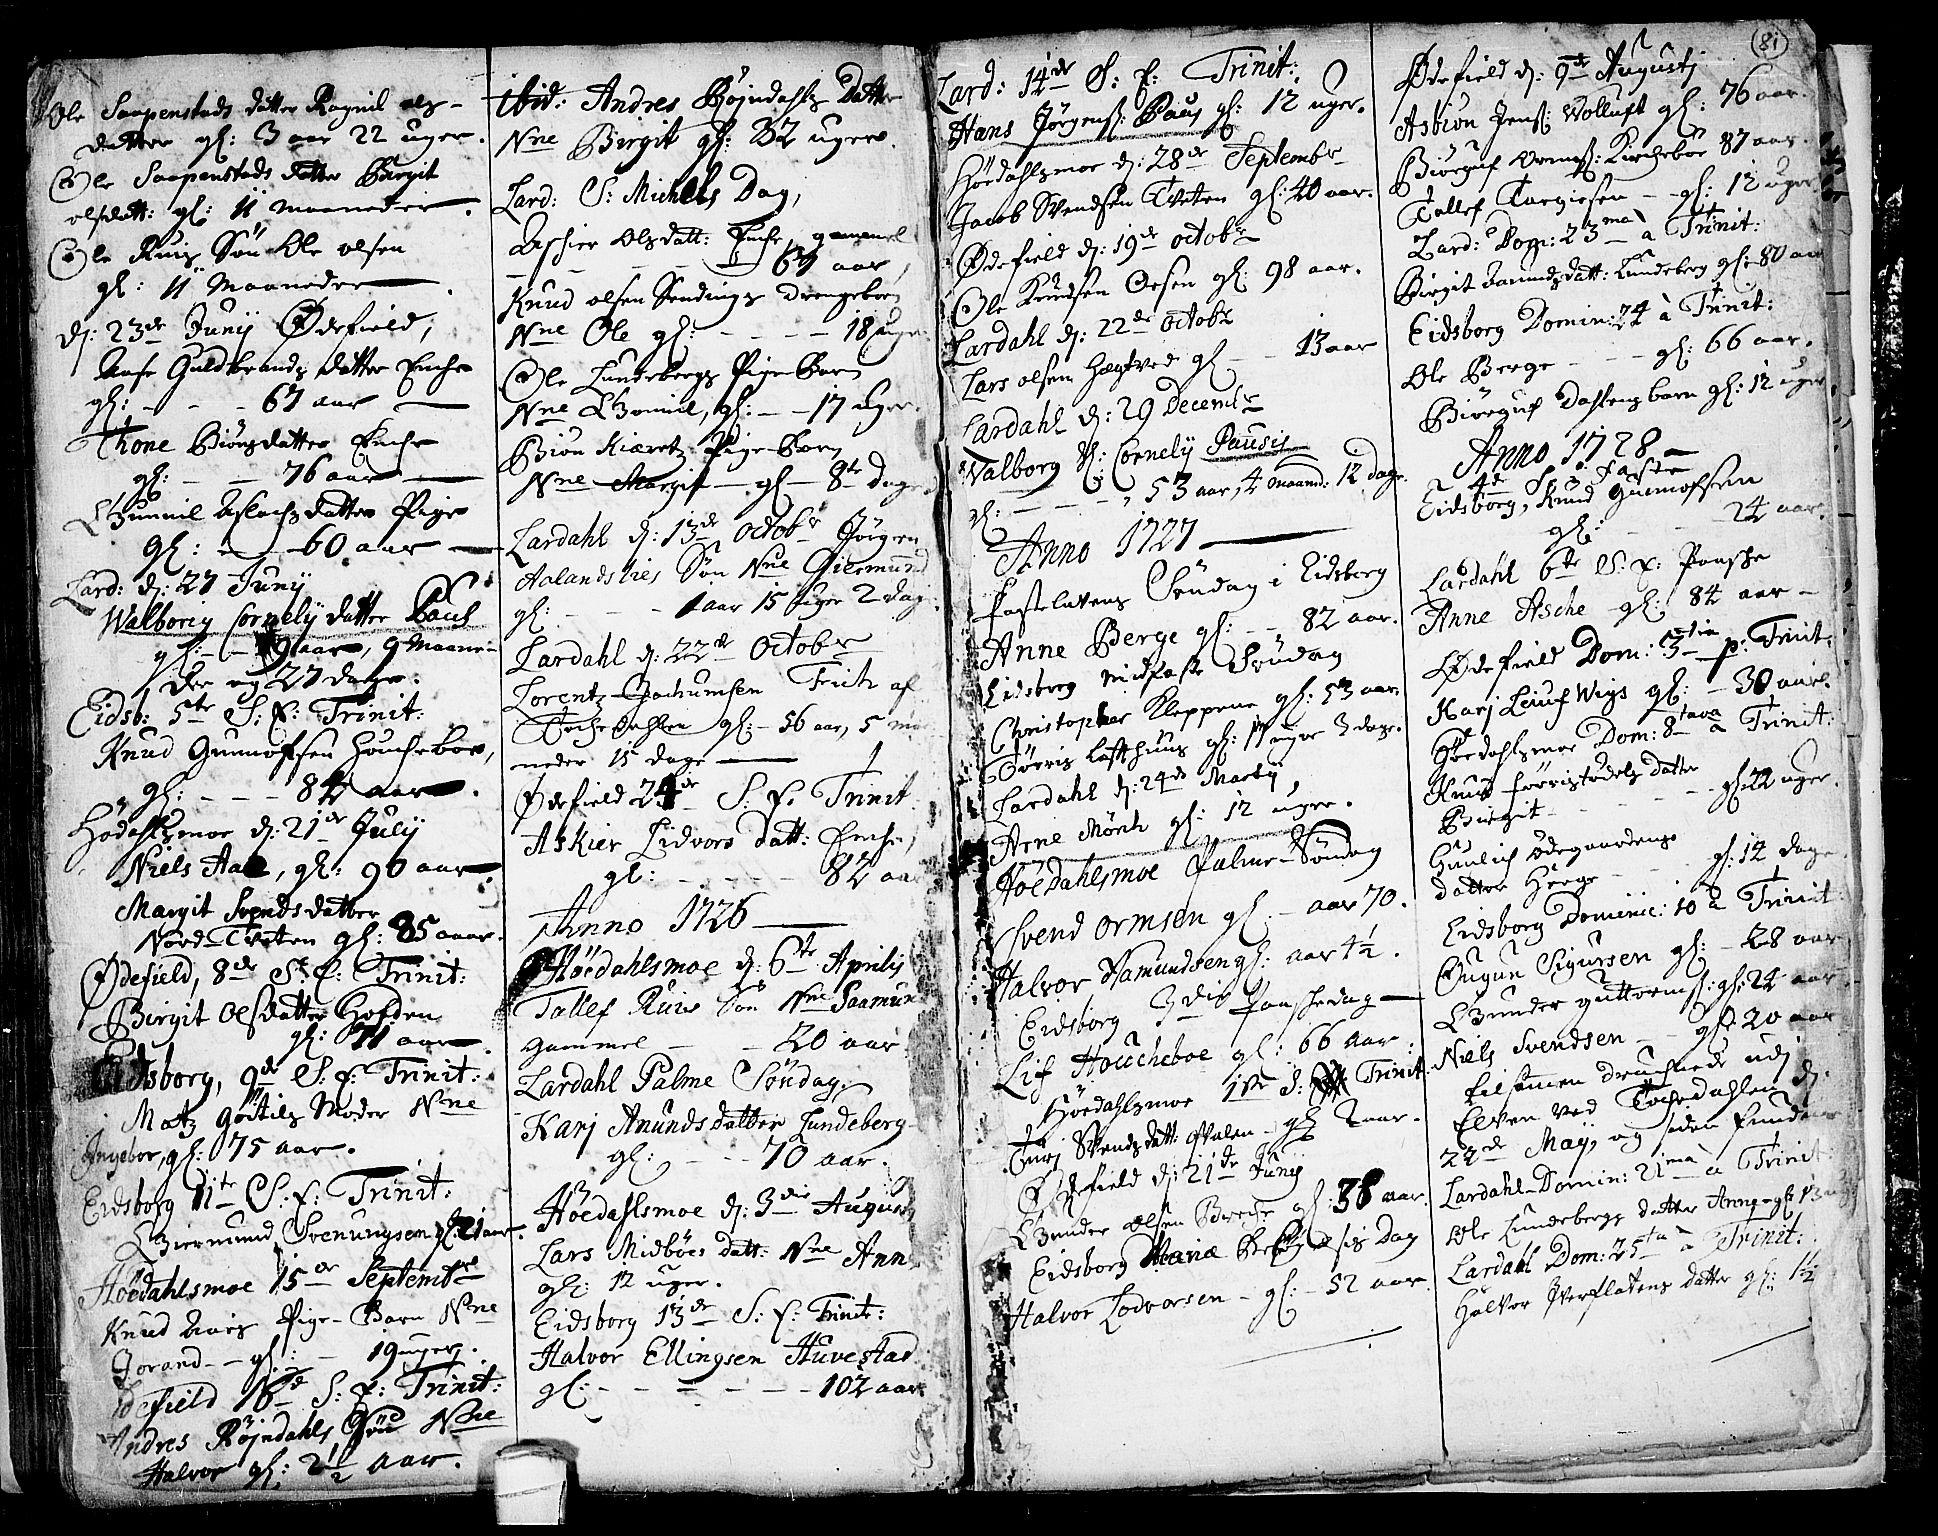 SAKO, Lårdal kirkebøker, F/Fa/L0001: Ministerialbok nr. I 1, 1721-1734, s. 81